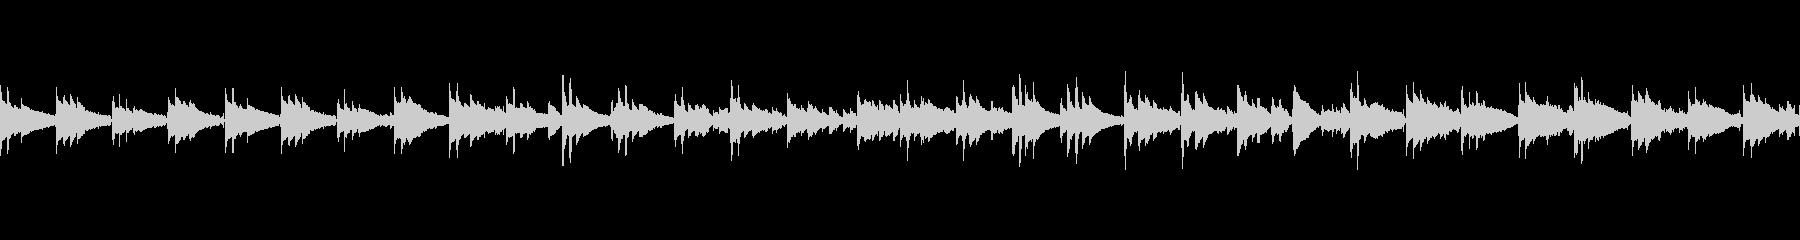 アコギ生演奏 自然を感じる静かなBGMの未再生の波形